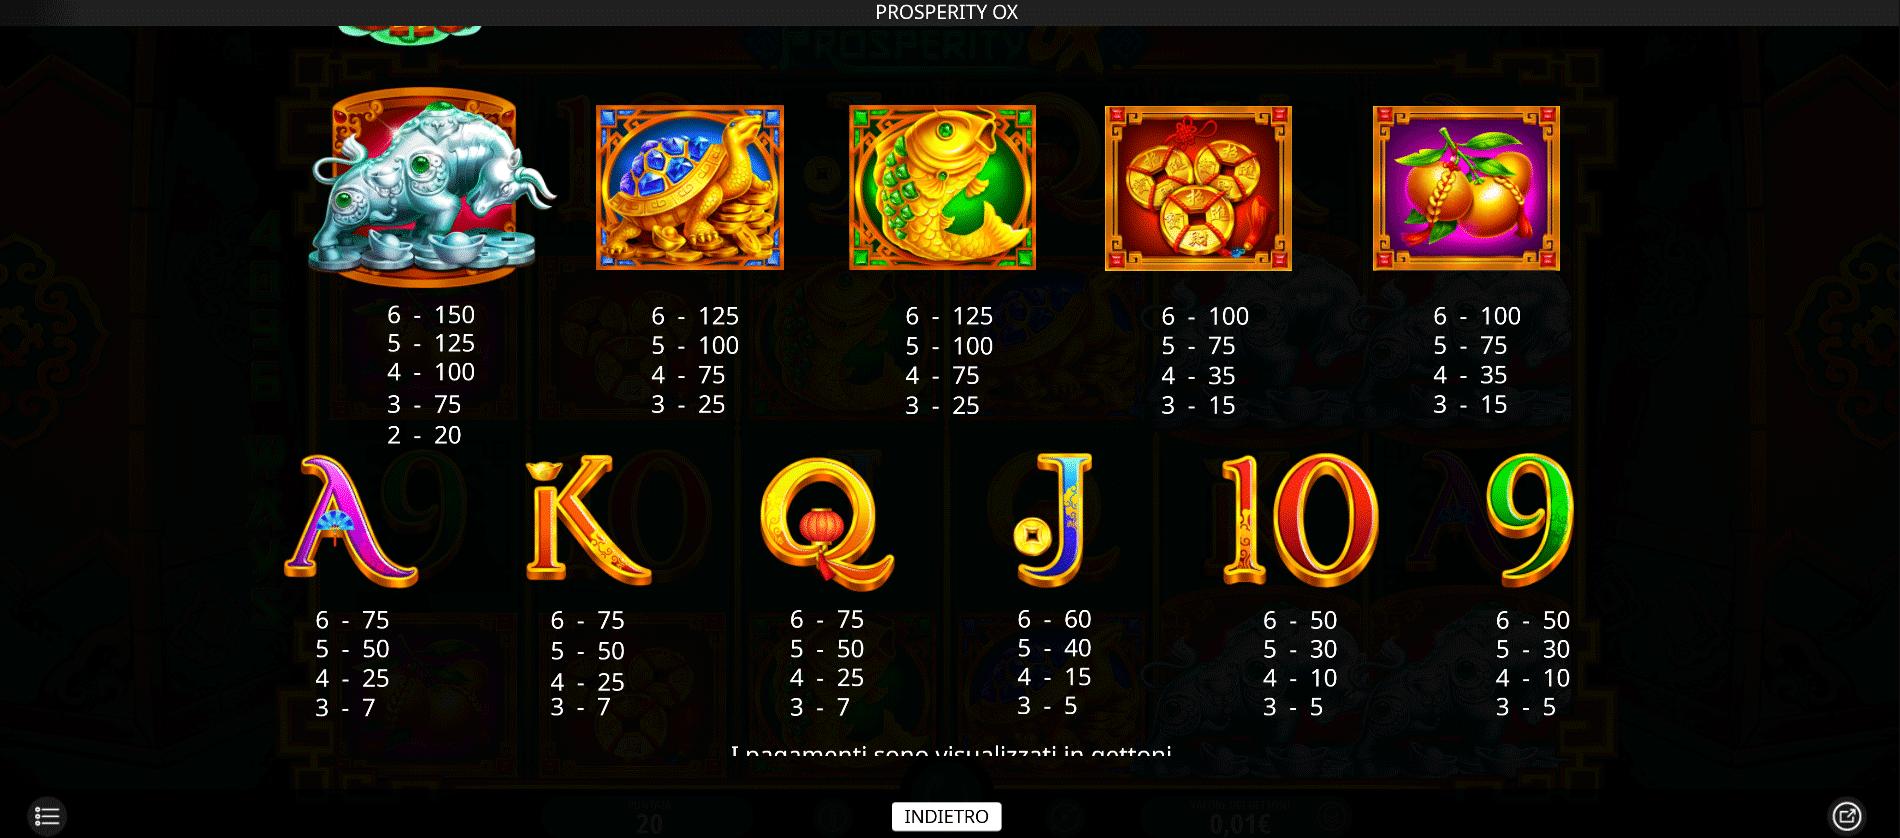 tabella dei pagamenti della slot machine prosperity ox